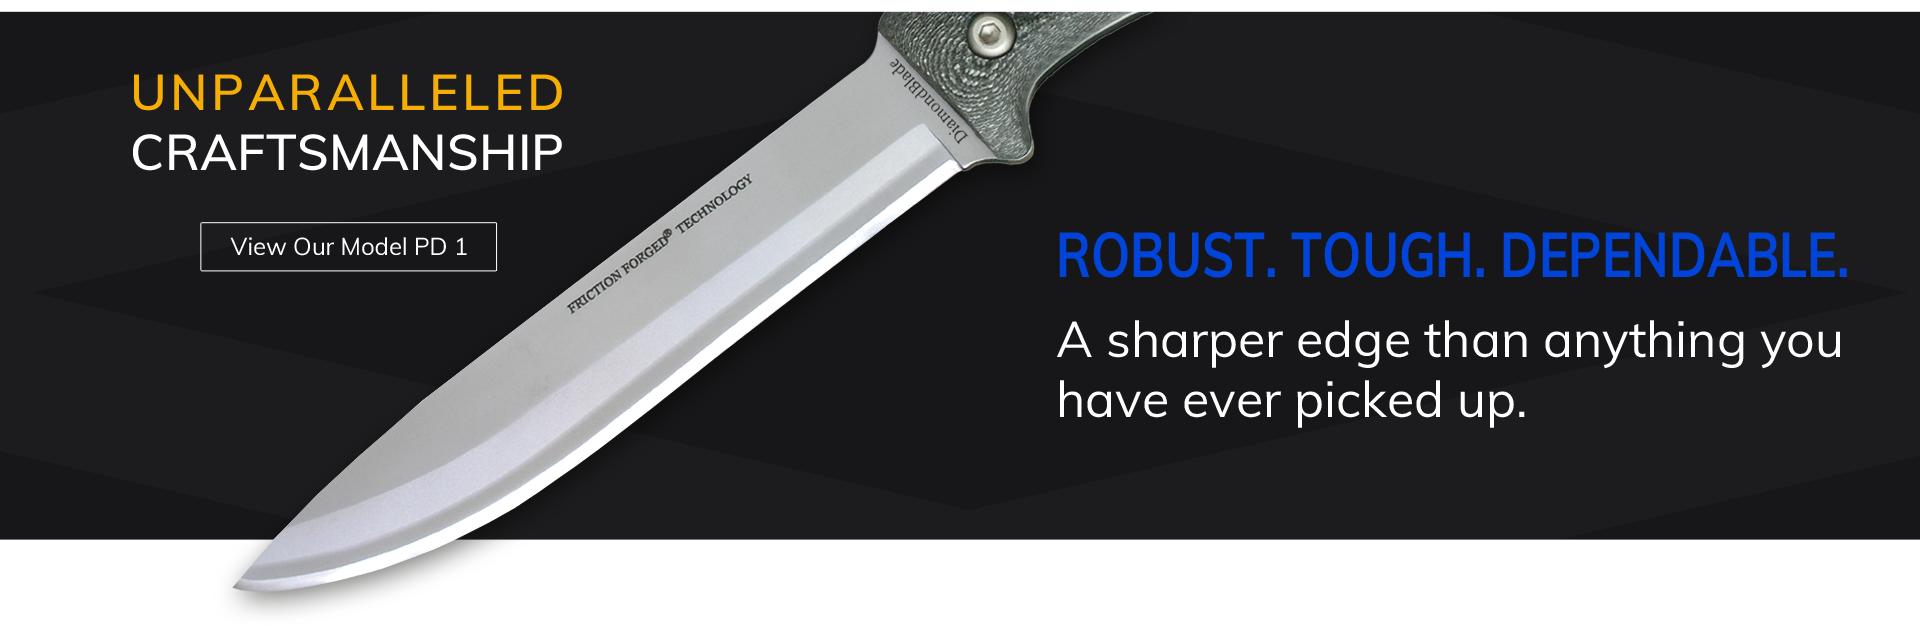 DiamondBlade Knives: Welcome